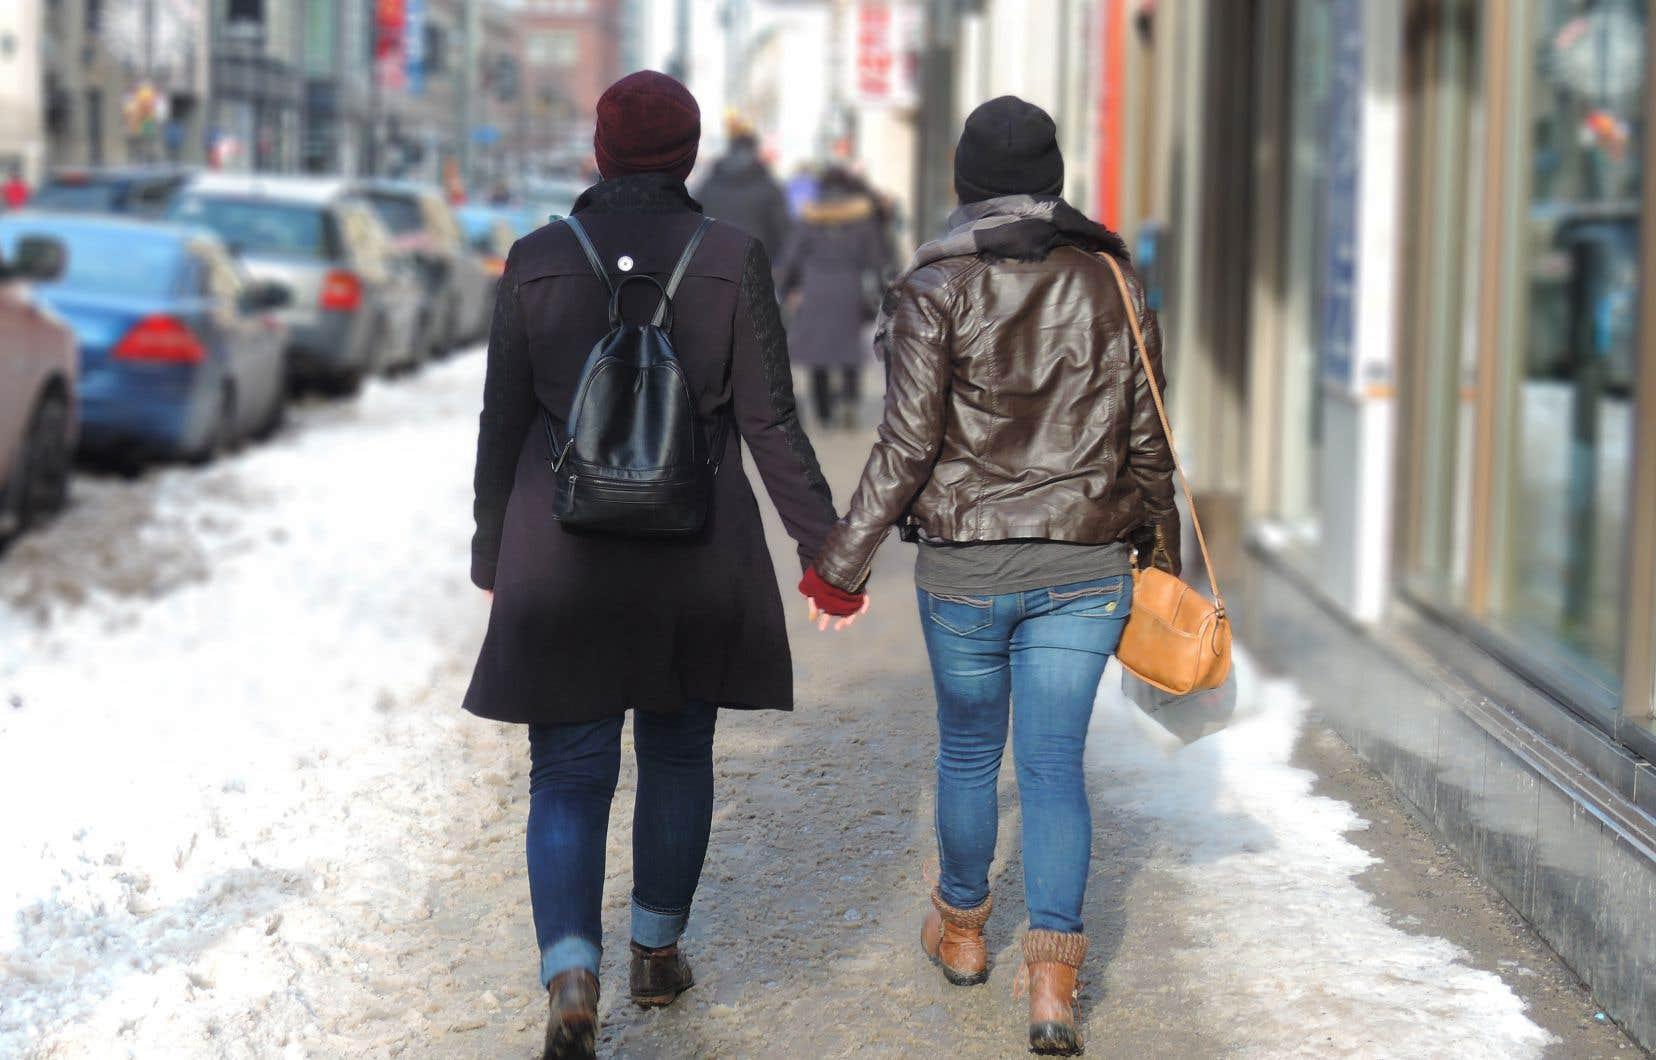 La liberté de religion est une liberté fondamentale, mais le mariage pour les personnes de même sexe ainsi que l'avortement en sont d'autres, souligne l'auteure.